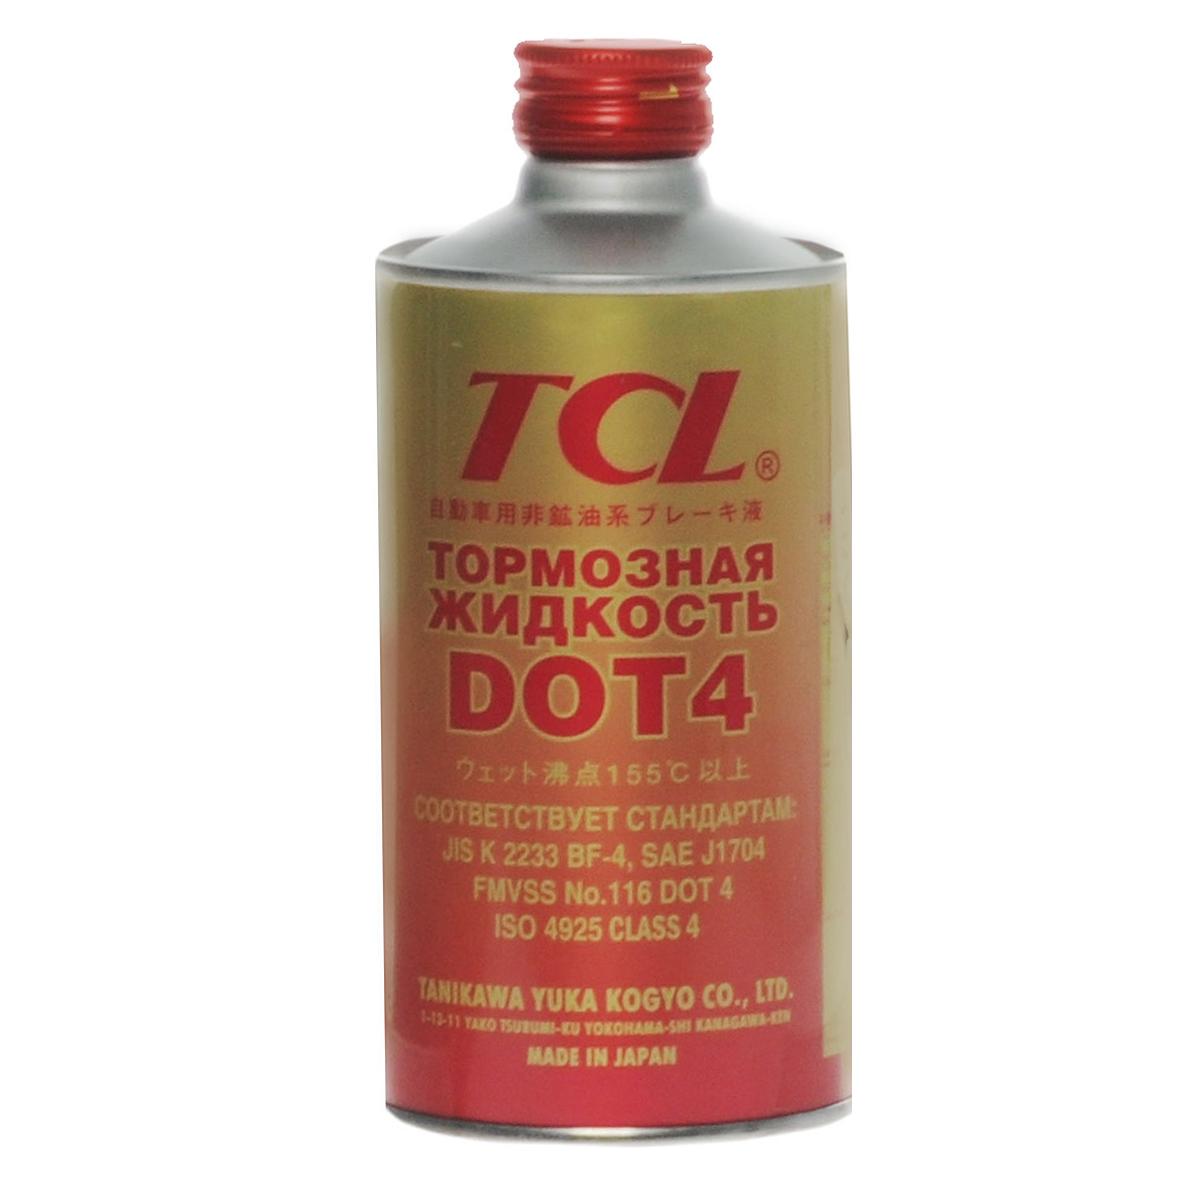 Жидкость тормозная TCL DOT4, 355 мл